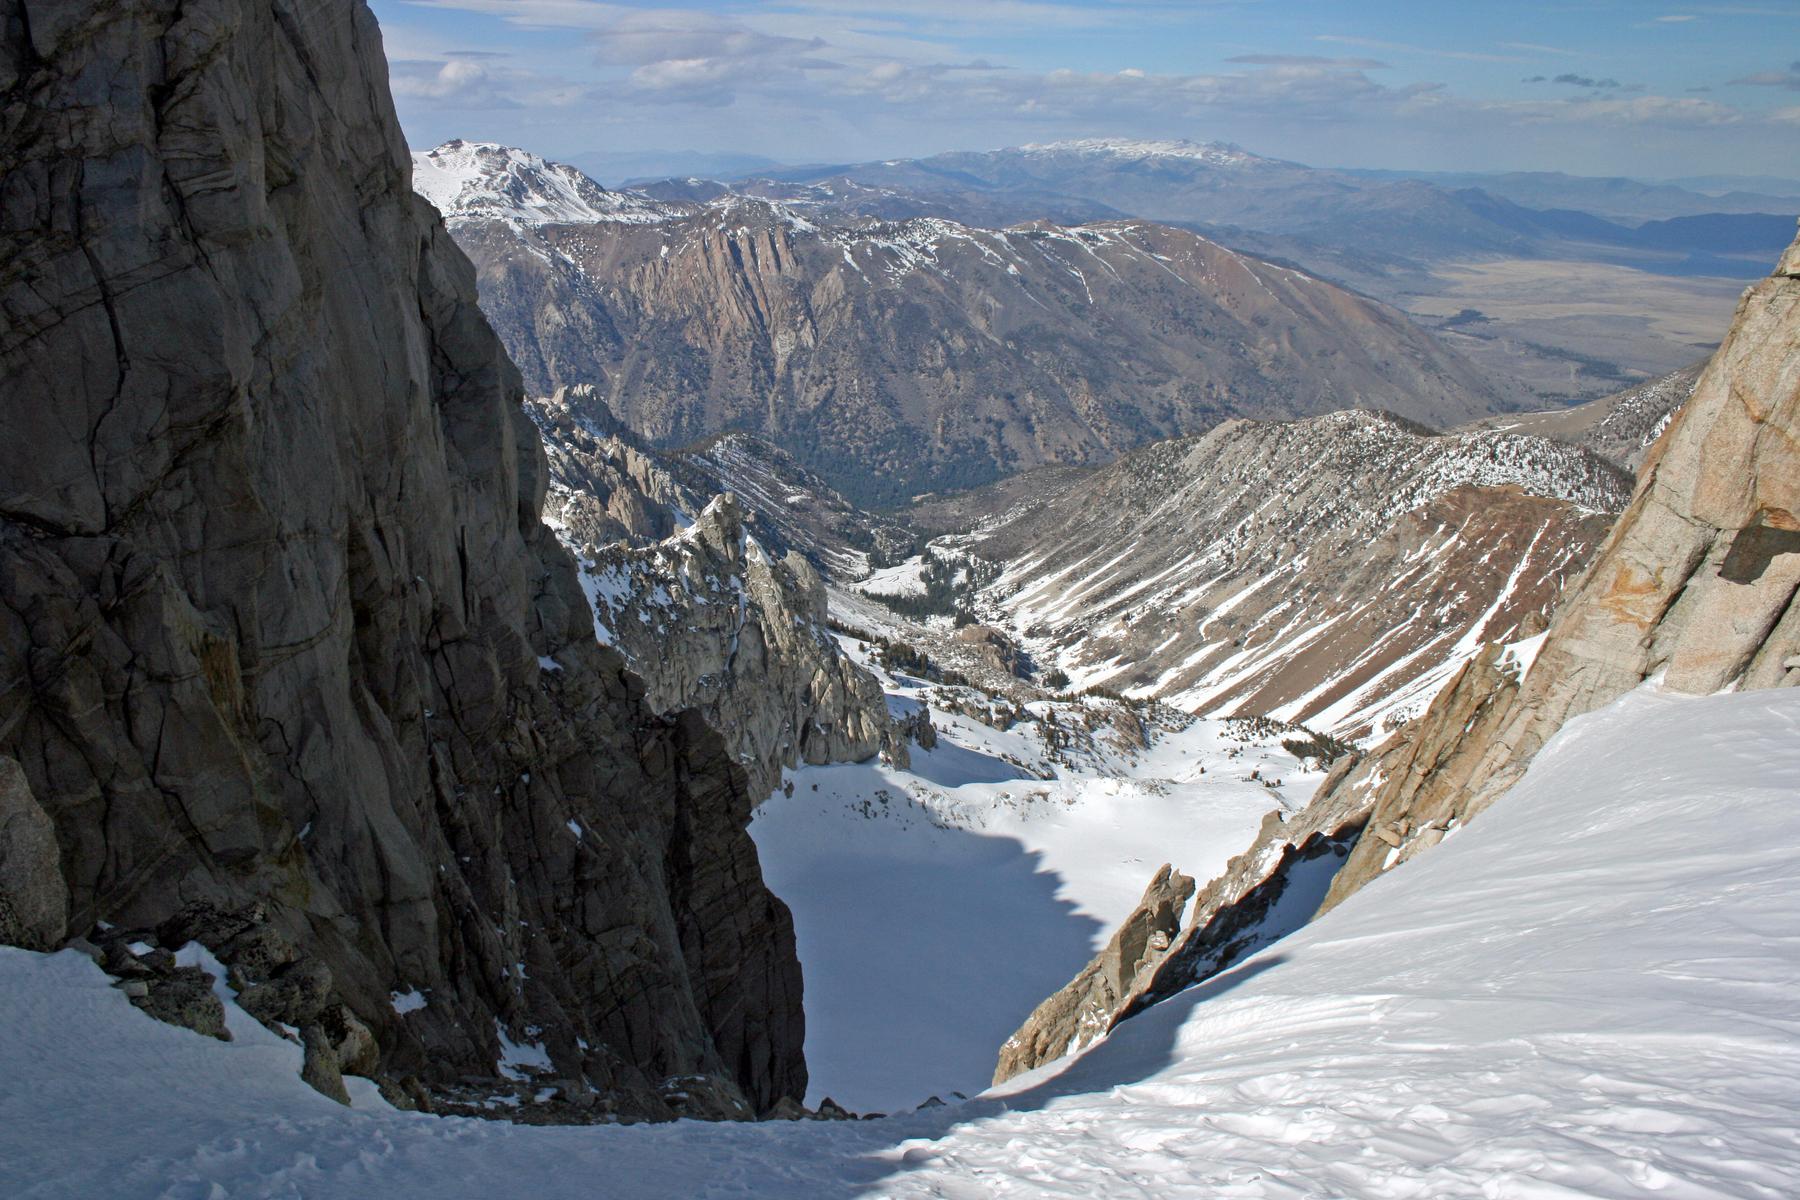 classic ski line in the eastern Sierra, California